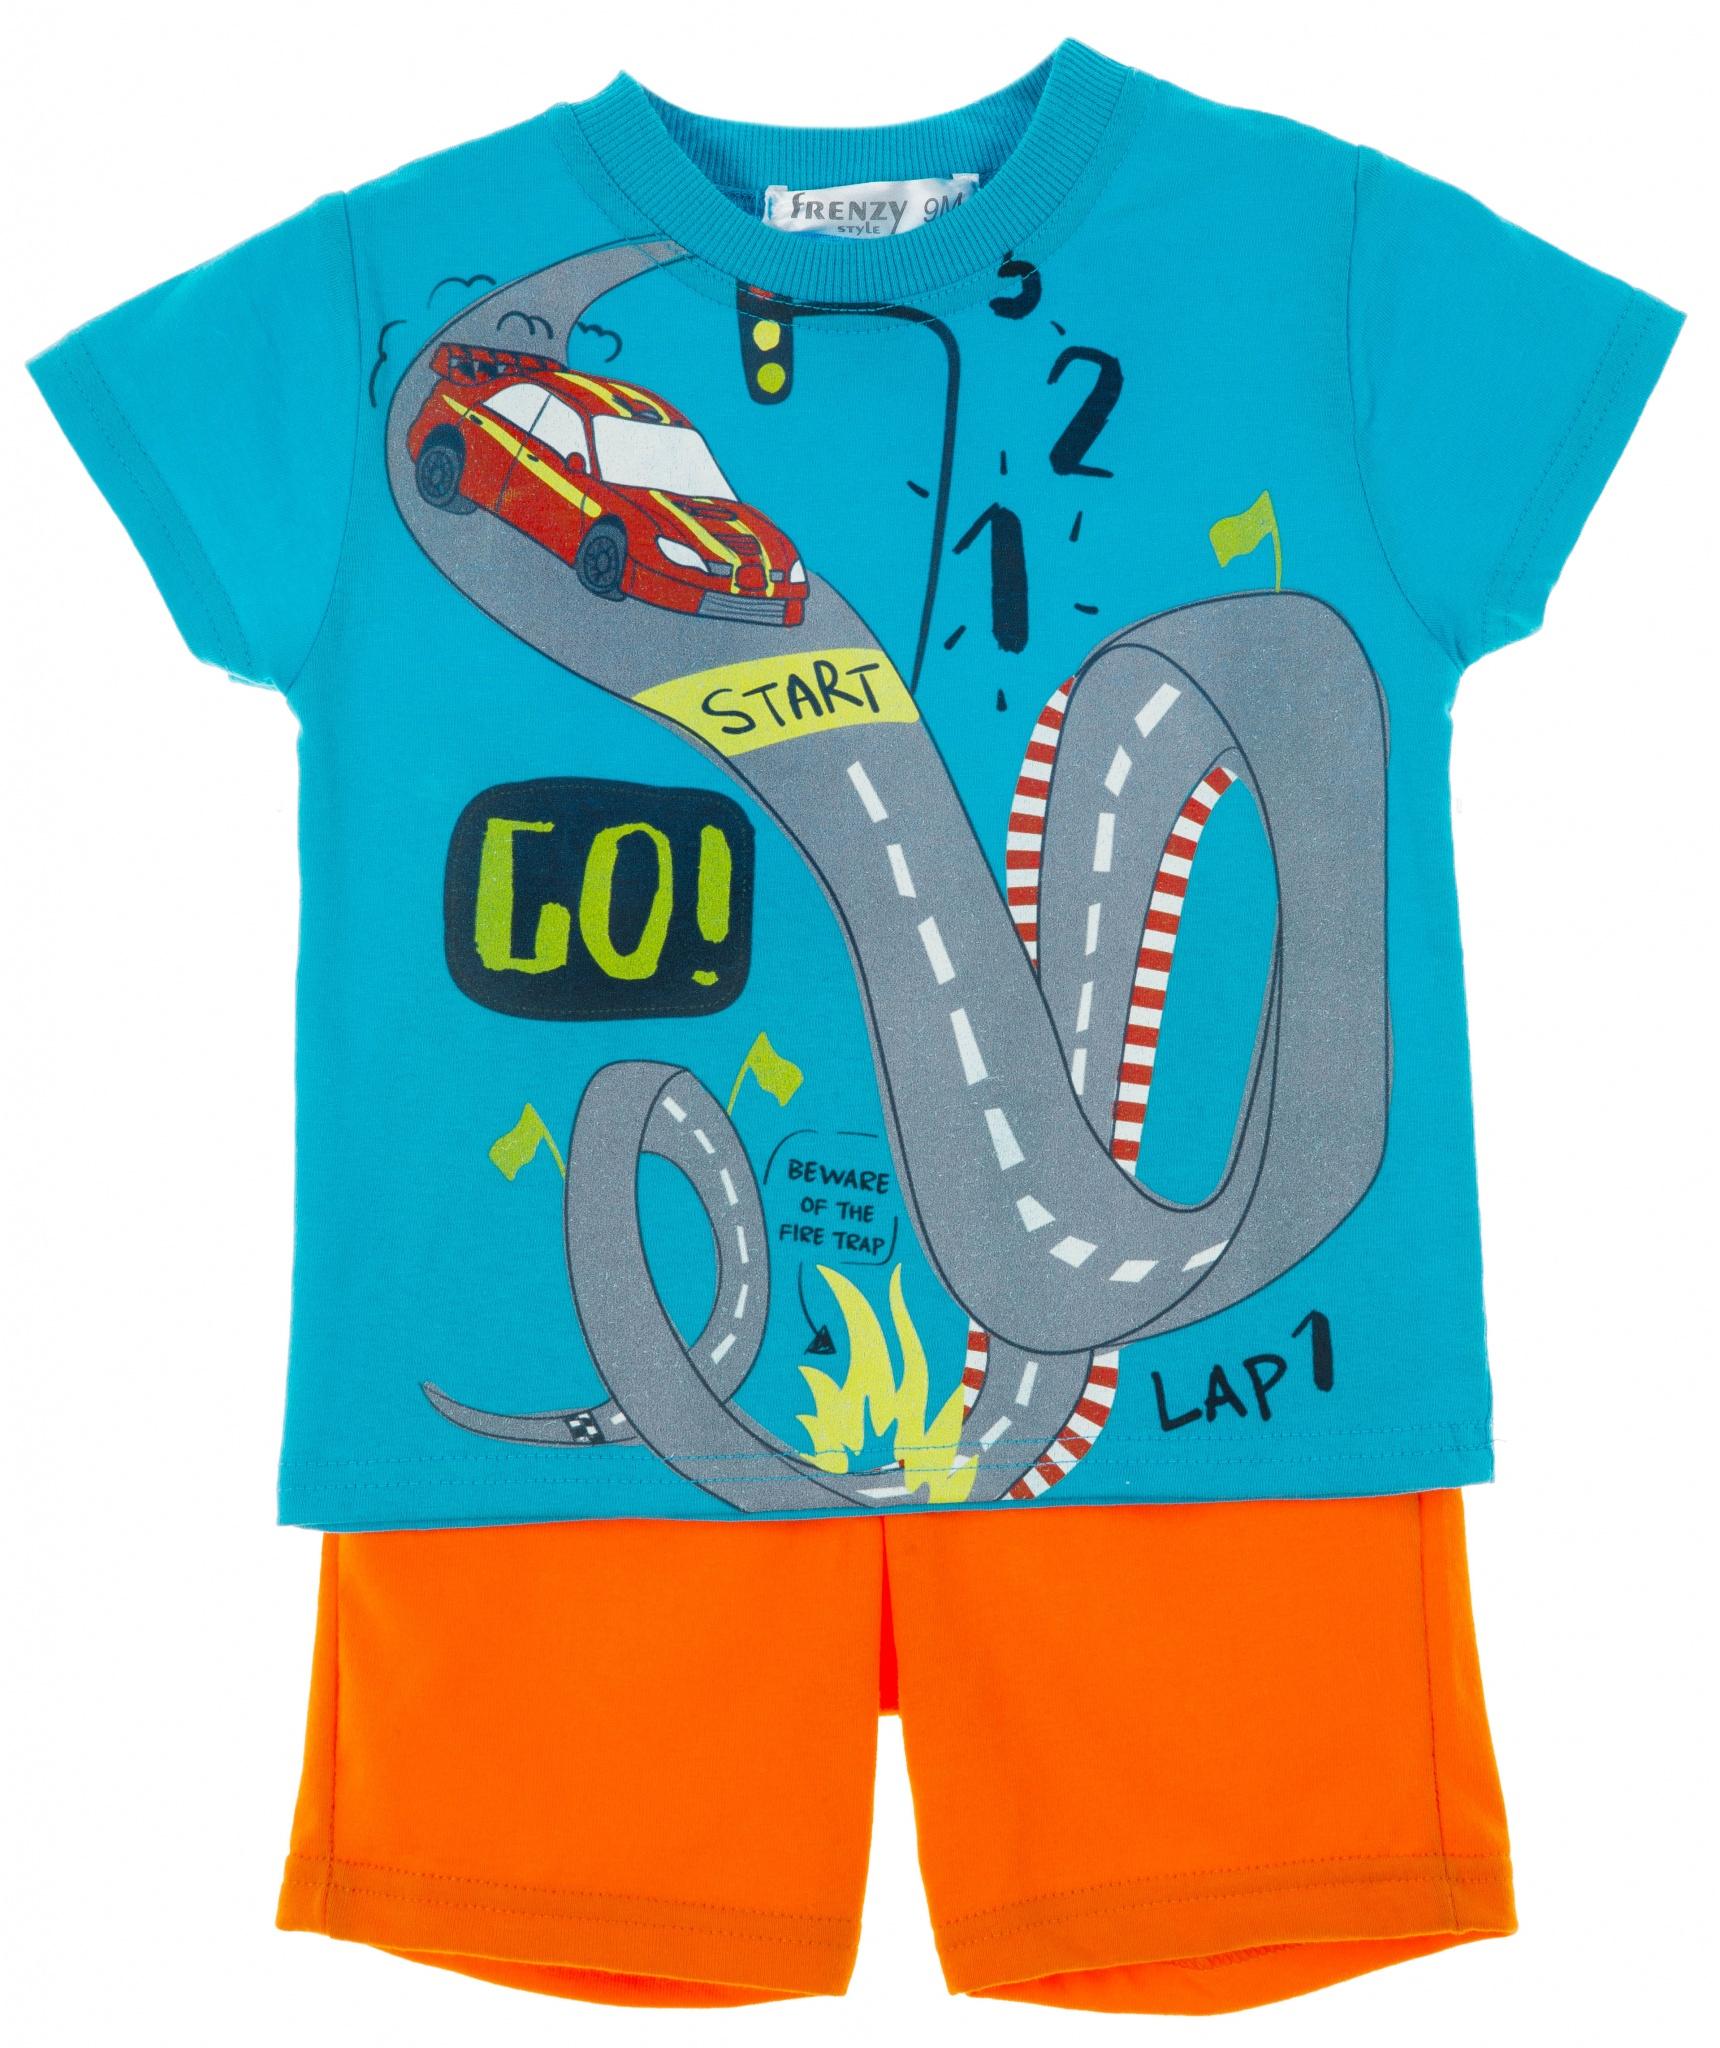 d56e642980b ΣΕΤ ΜΠΛΟΥΖΑ ΣΟΡΤΣ – Μέντα πορτοκαλί | Babylon Fashion Παιδικά ρούχα